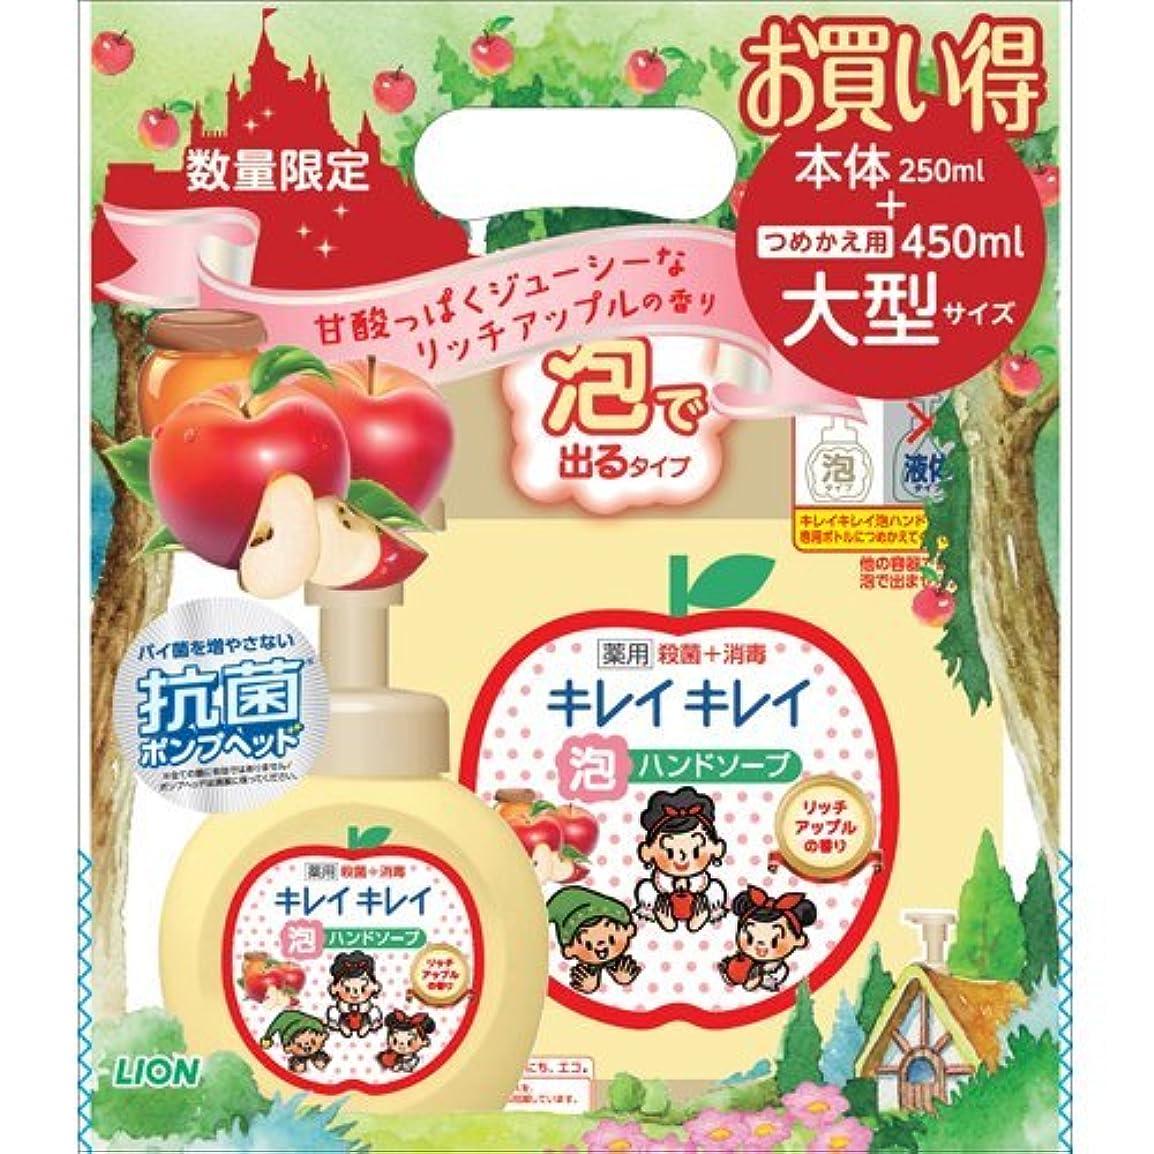 カーフクリップメイドキレイキレイ 薬用泡ハンドソープ リッチアップルの香り 本体250ml+つめかえ用大型サイズ450ml